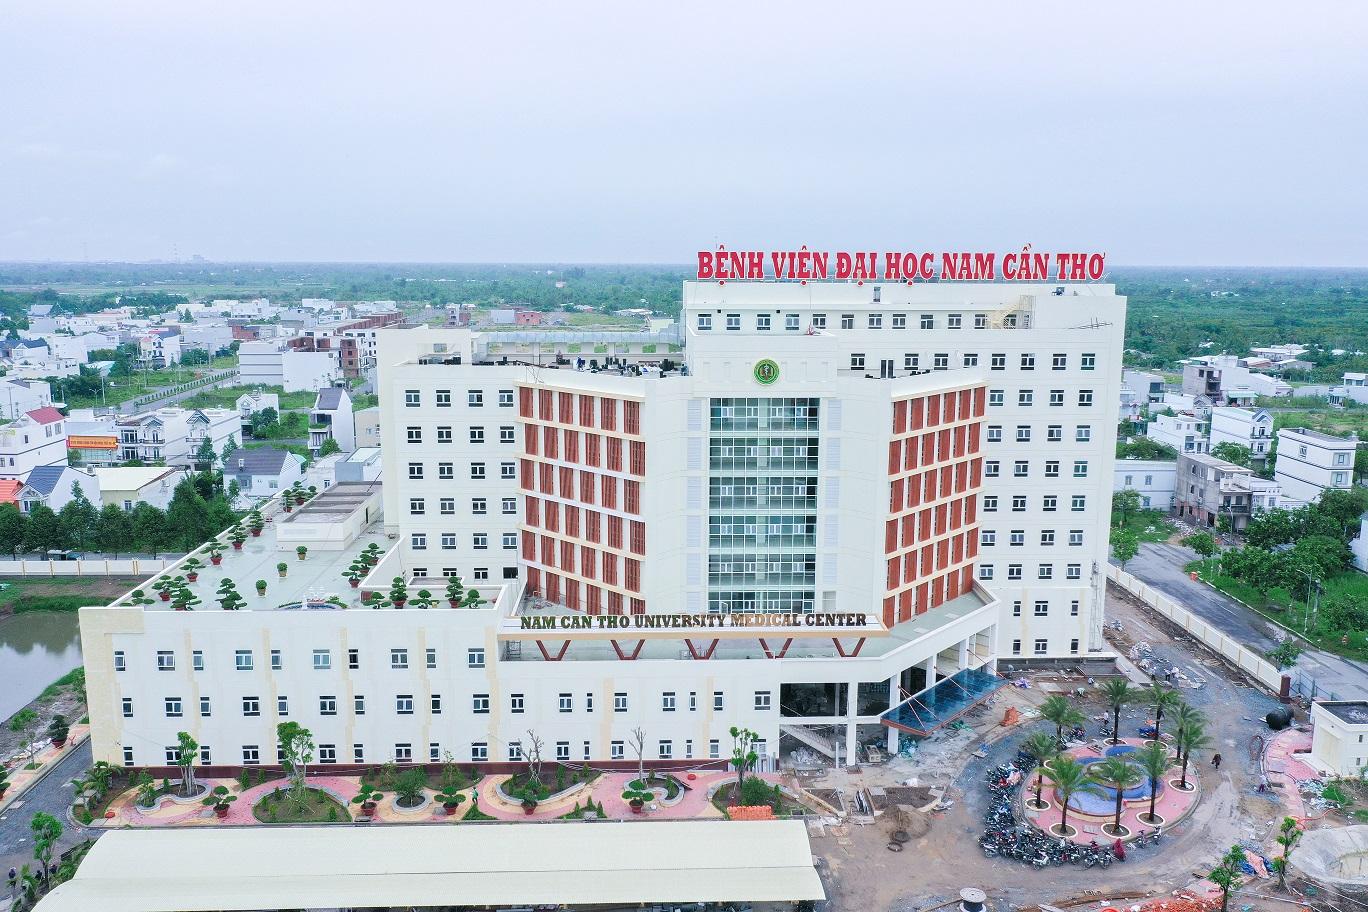 Bệnh viện Đại học Cần Thơ phục vụ nhu cầu khám sức khỏe, giúp sinh viên thực tập kiến thức.